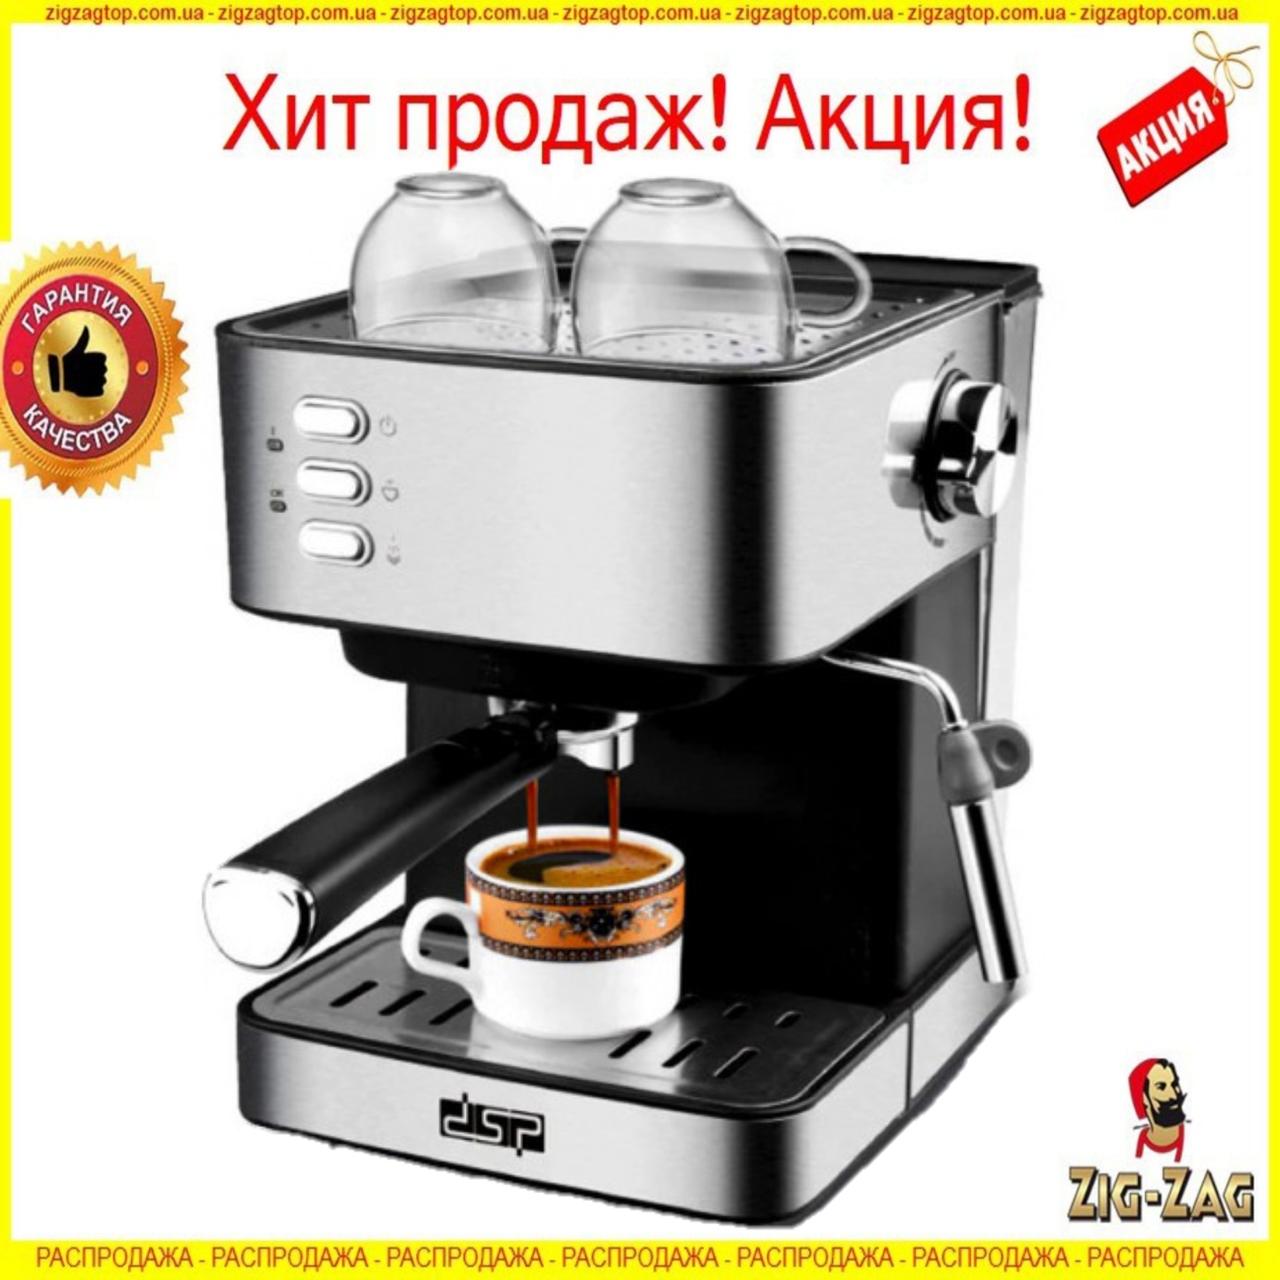 Напівавтоматична кавова машина 850W з Капучинатором DSP Espresso Coffee Maker KA3028 напівавтомат з 2 Чашками